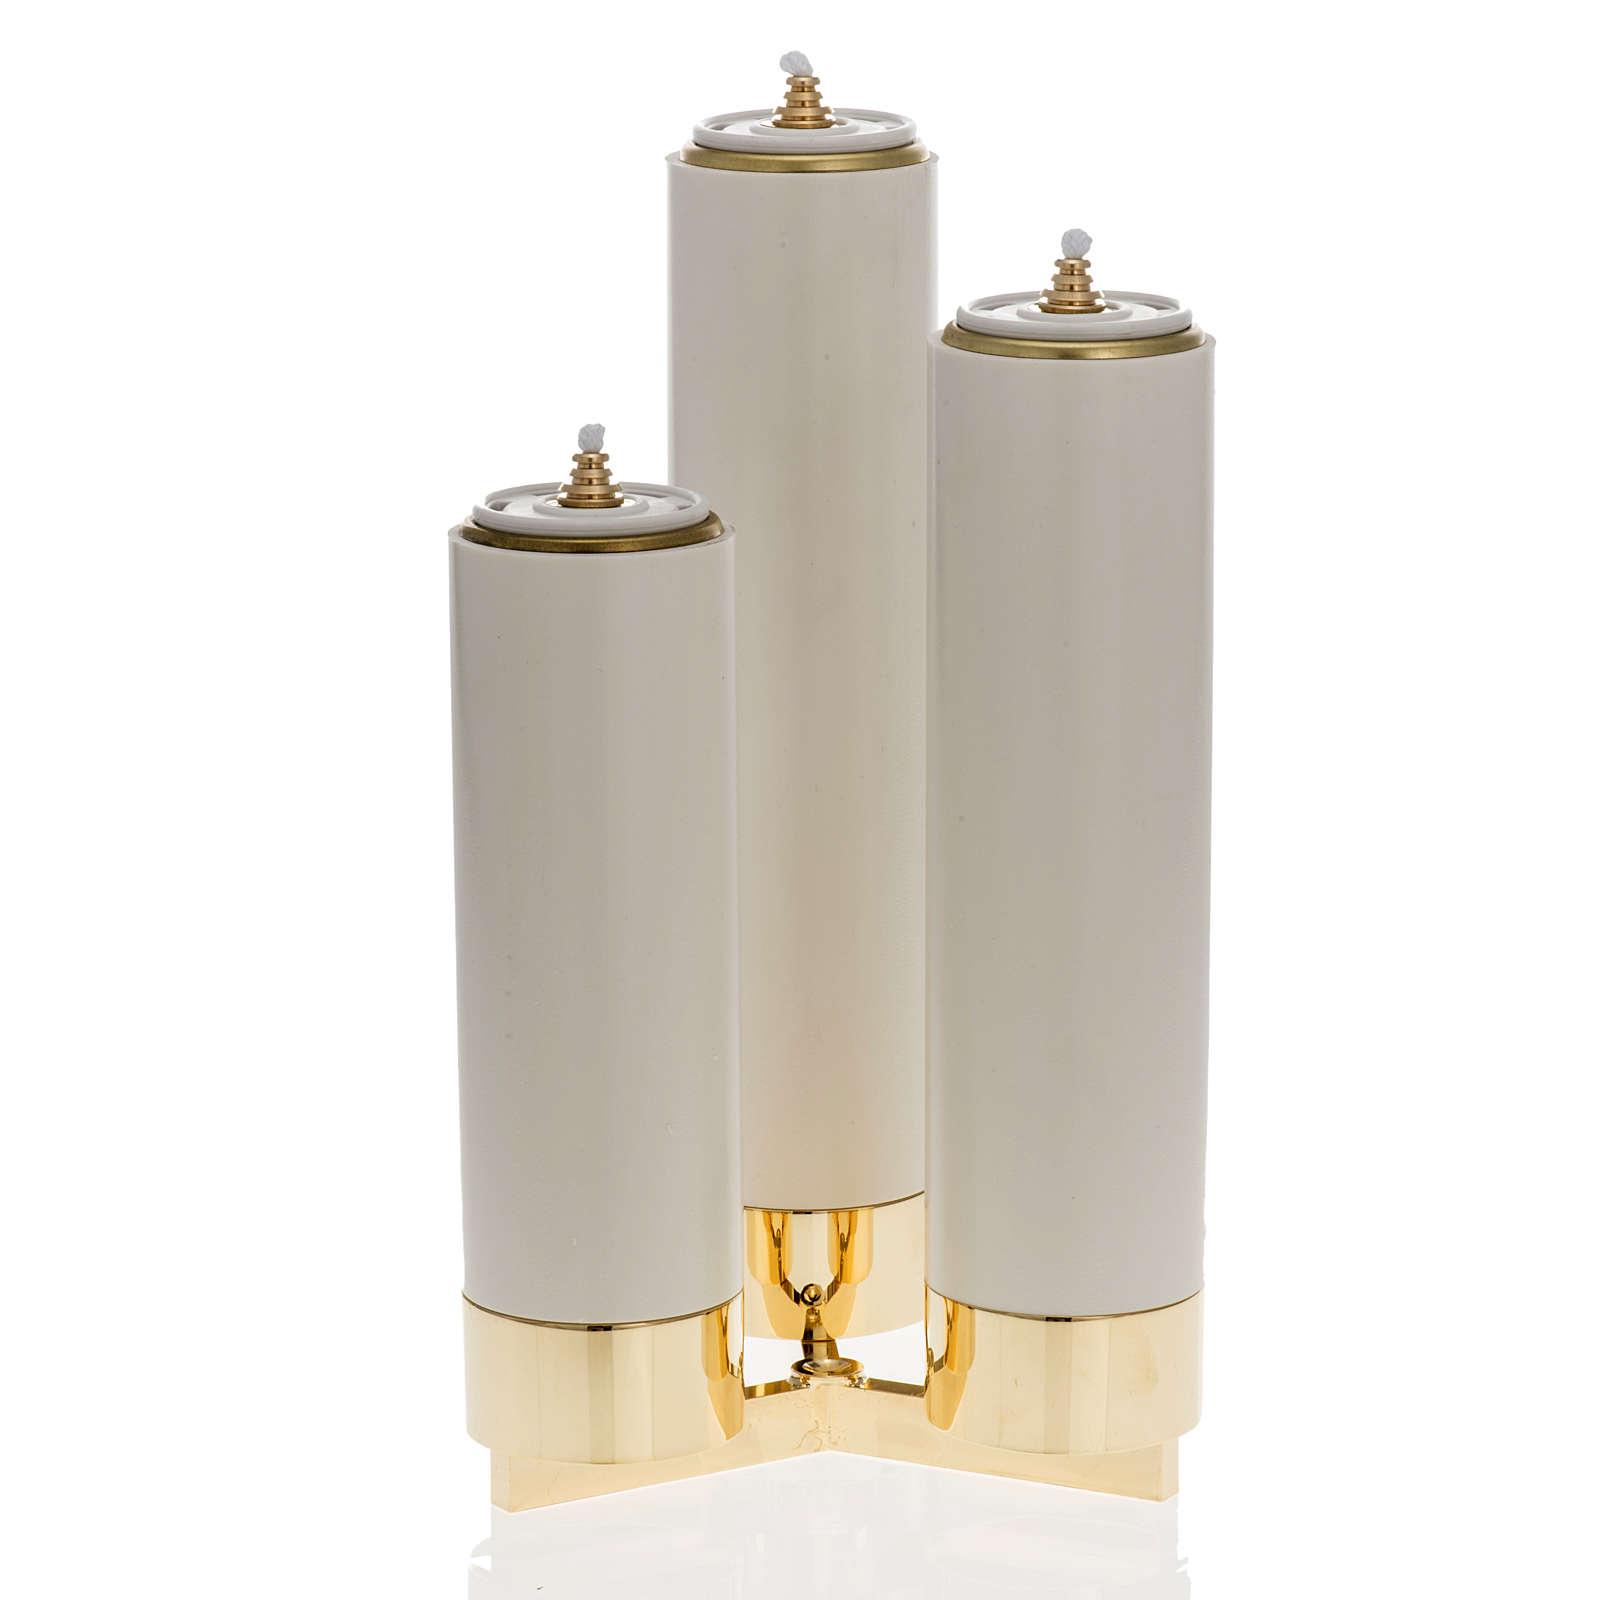 Castiçal 3 bocais completo de velas pvc 4